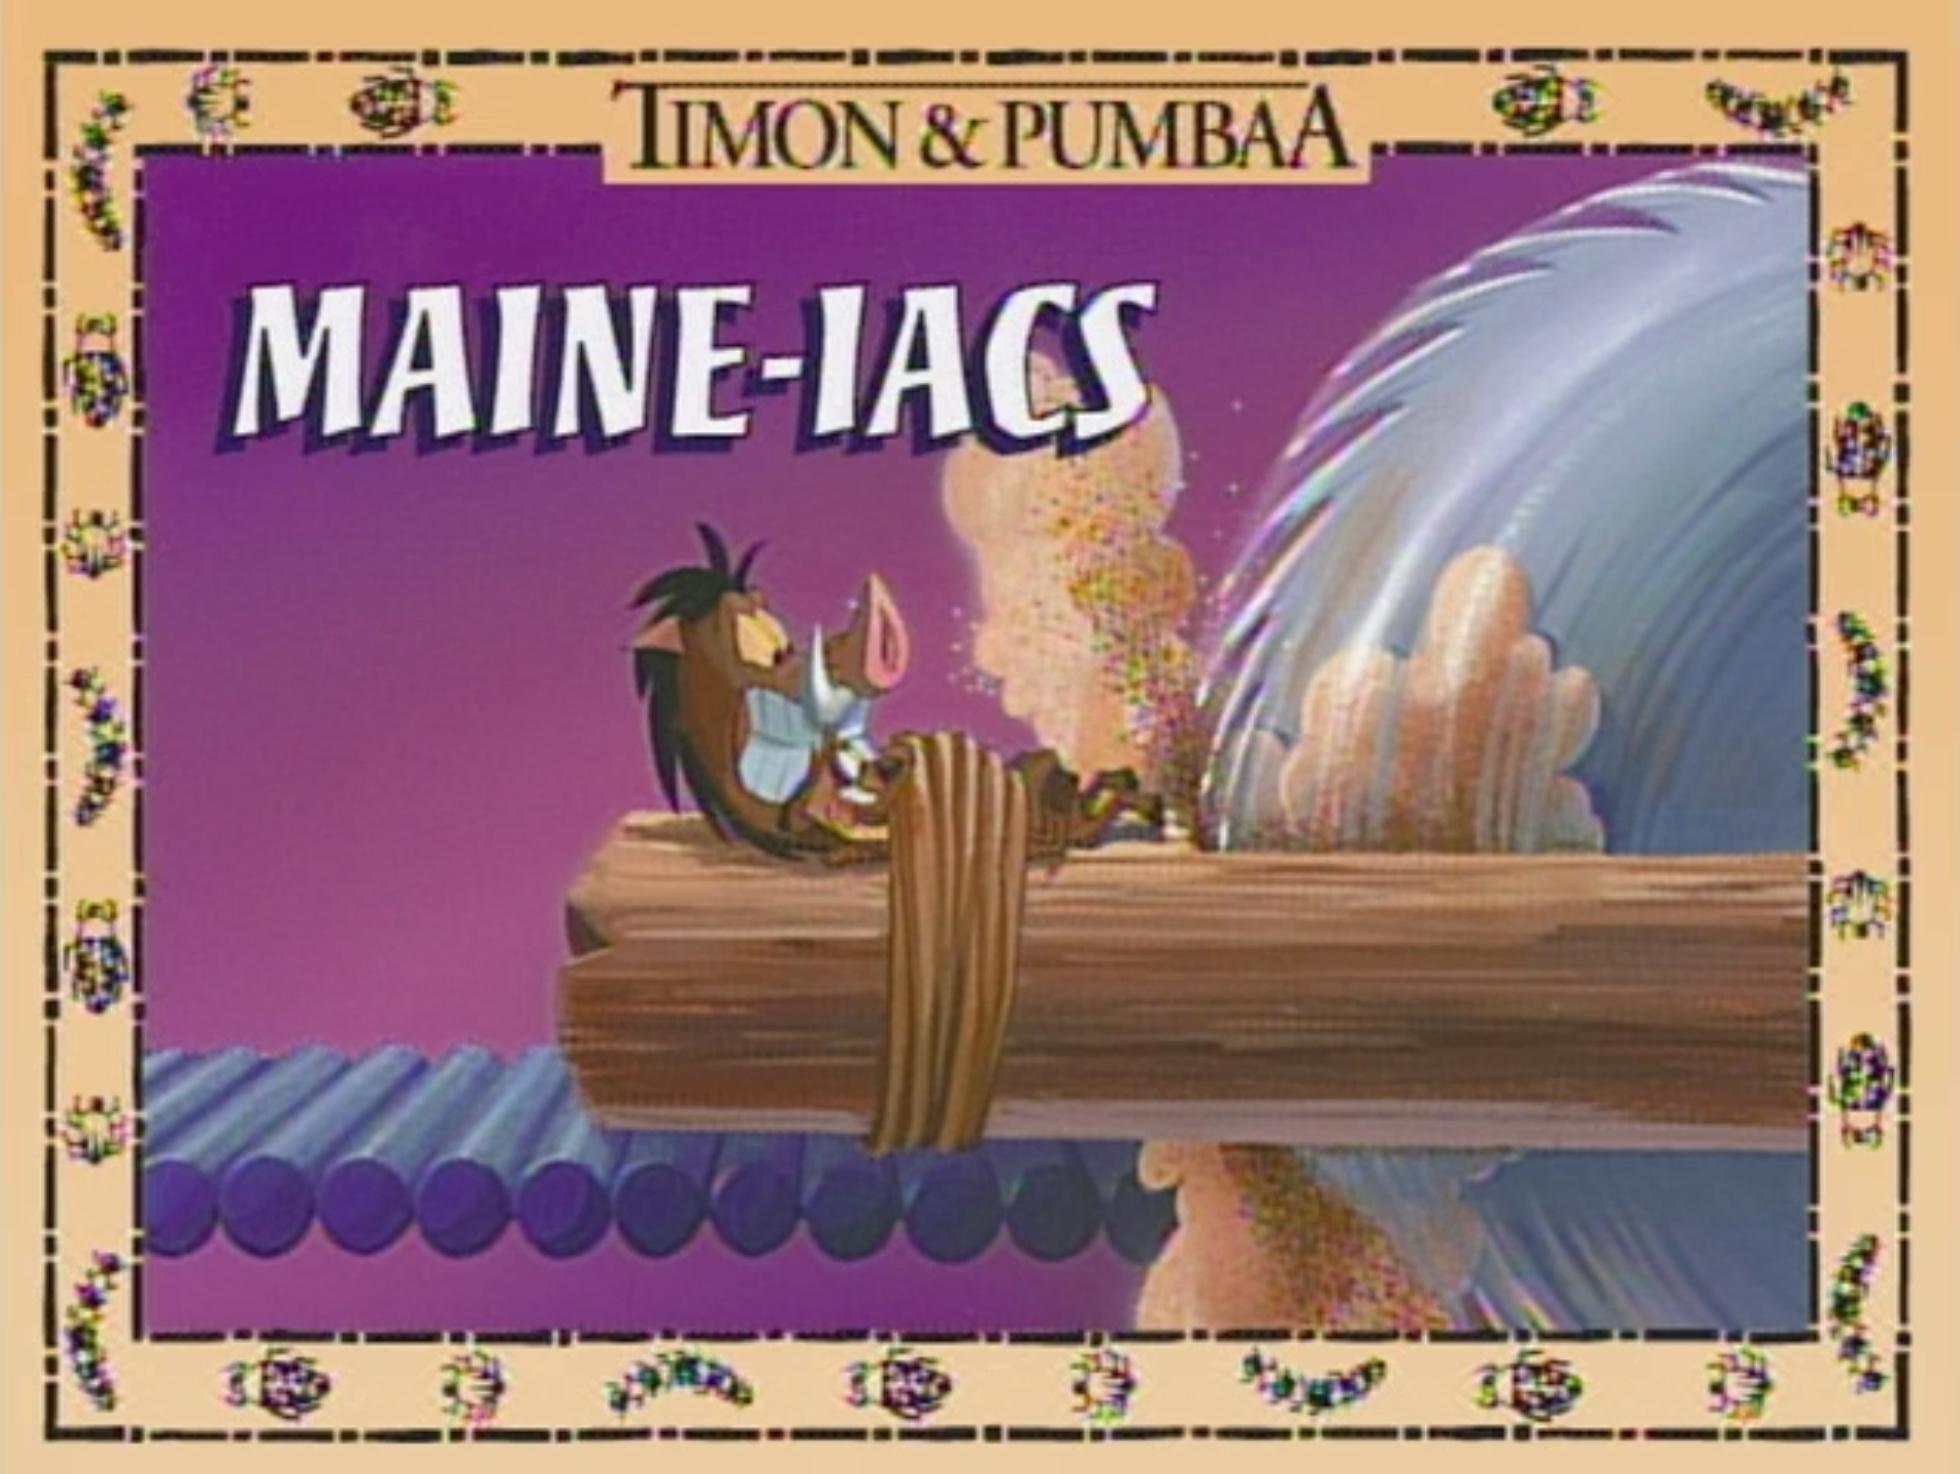 Maine-Iacs